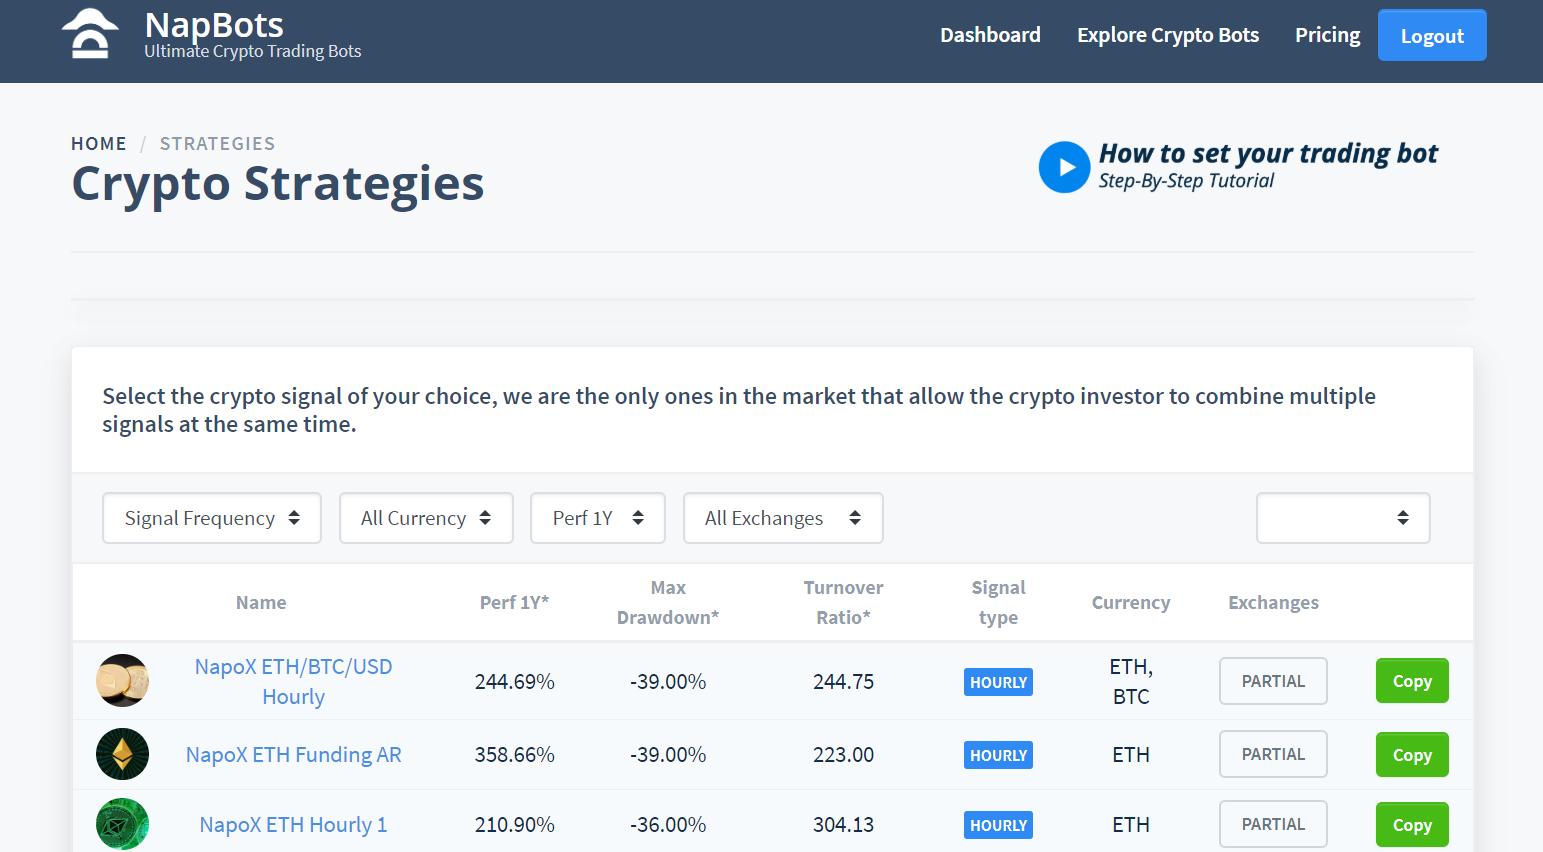 Dashboard présentant les différentes stratégies de trading pour programmer votre bot de trading